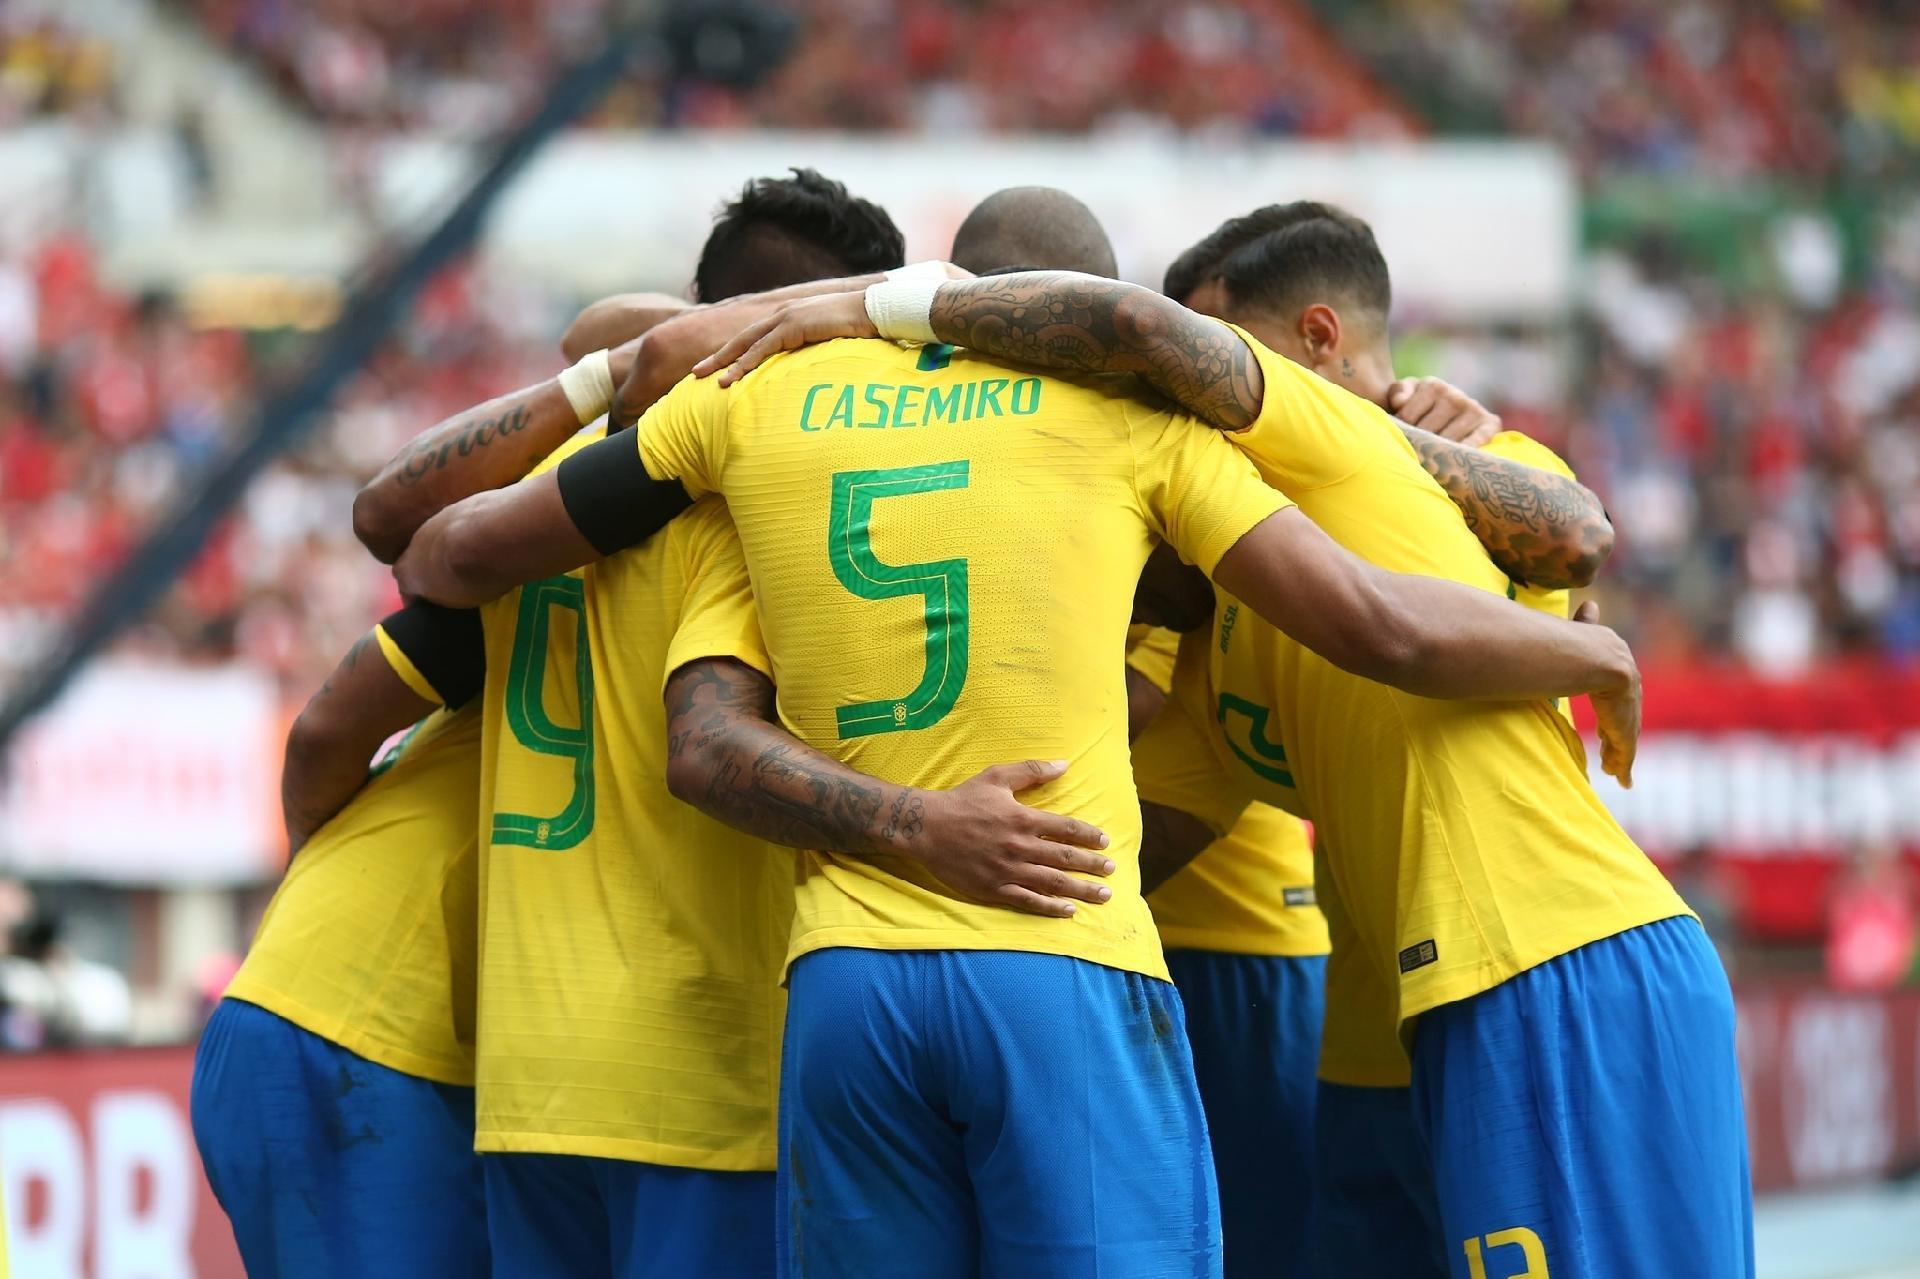 670ba5d61325f Seleção estreia na Copa de amarelo e enfrentará Costa Rica inteira de azul  - 15 06 2018 - UOL Esporte